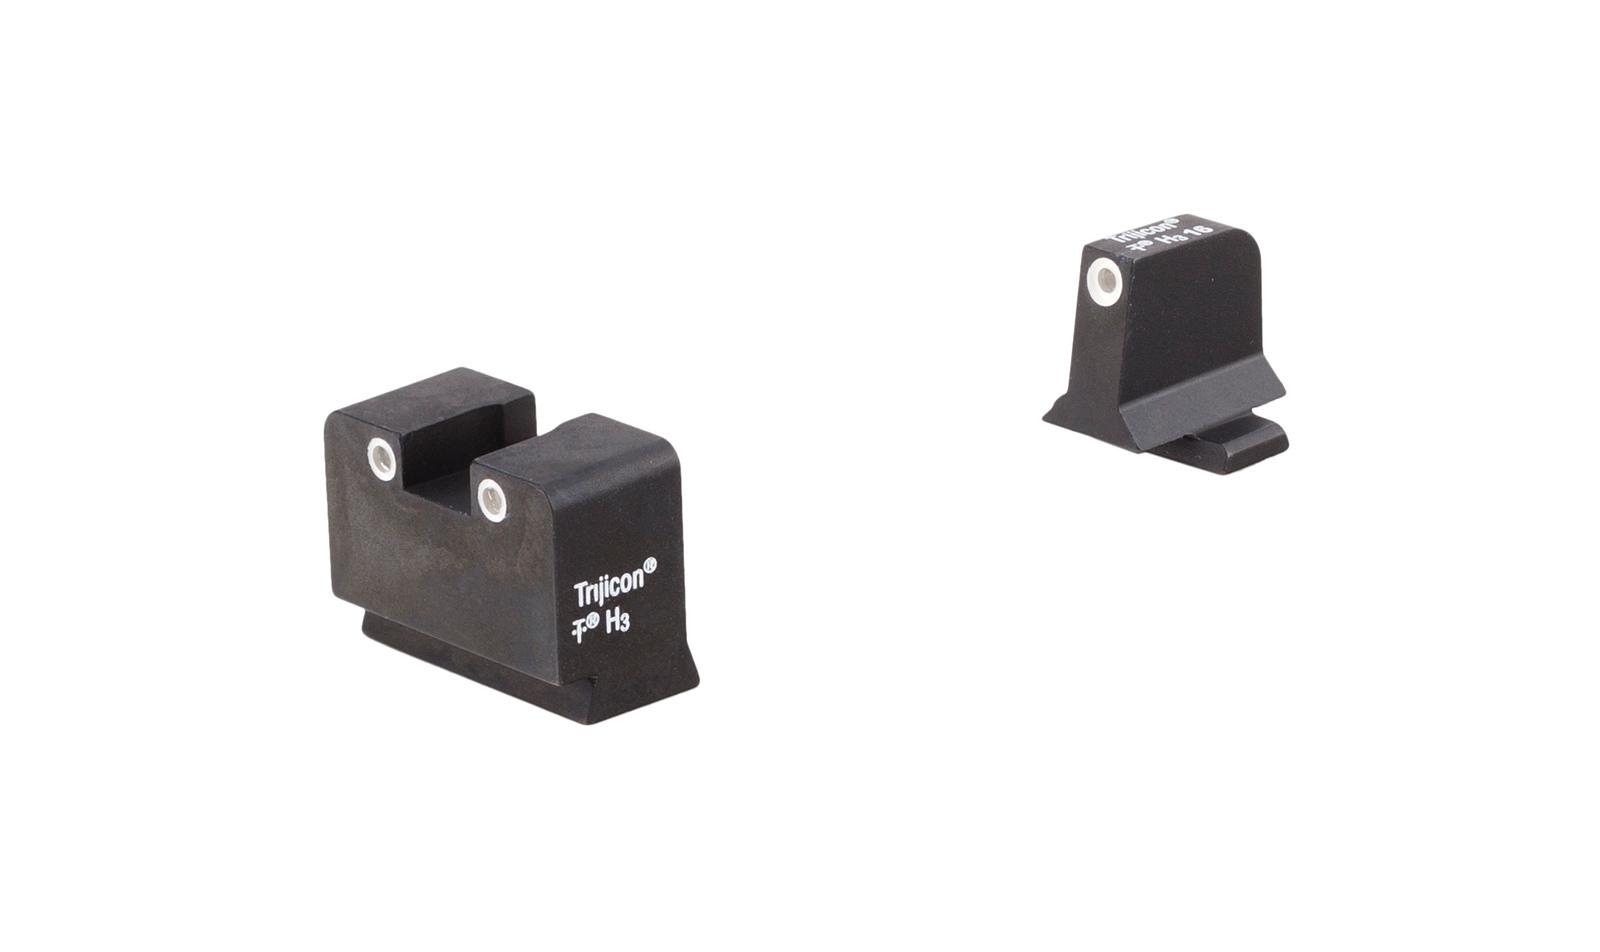 Trijicon Bright & Tough ™ Suppressor Sights - Springfield XD, XD-M, XD-S